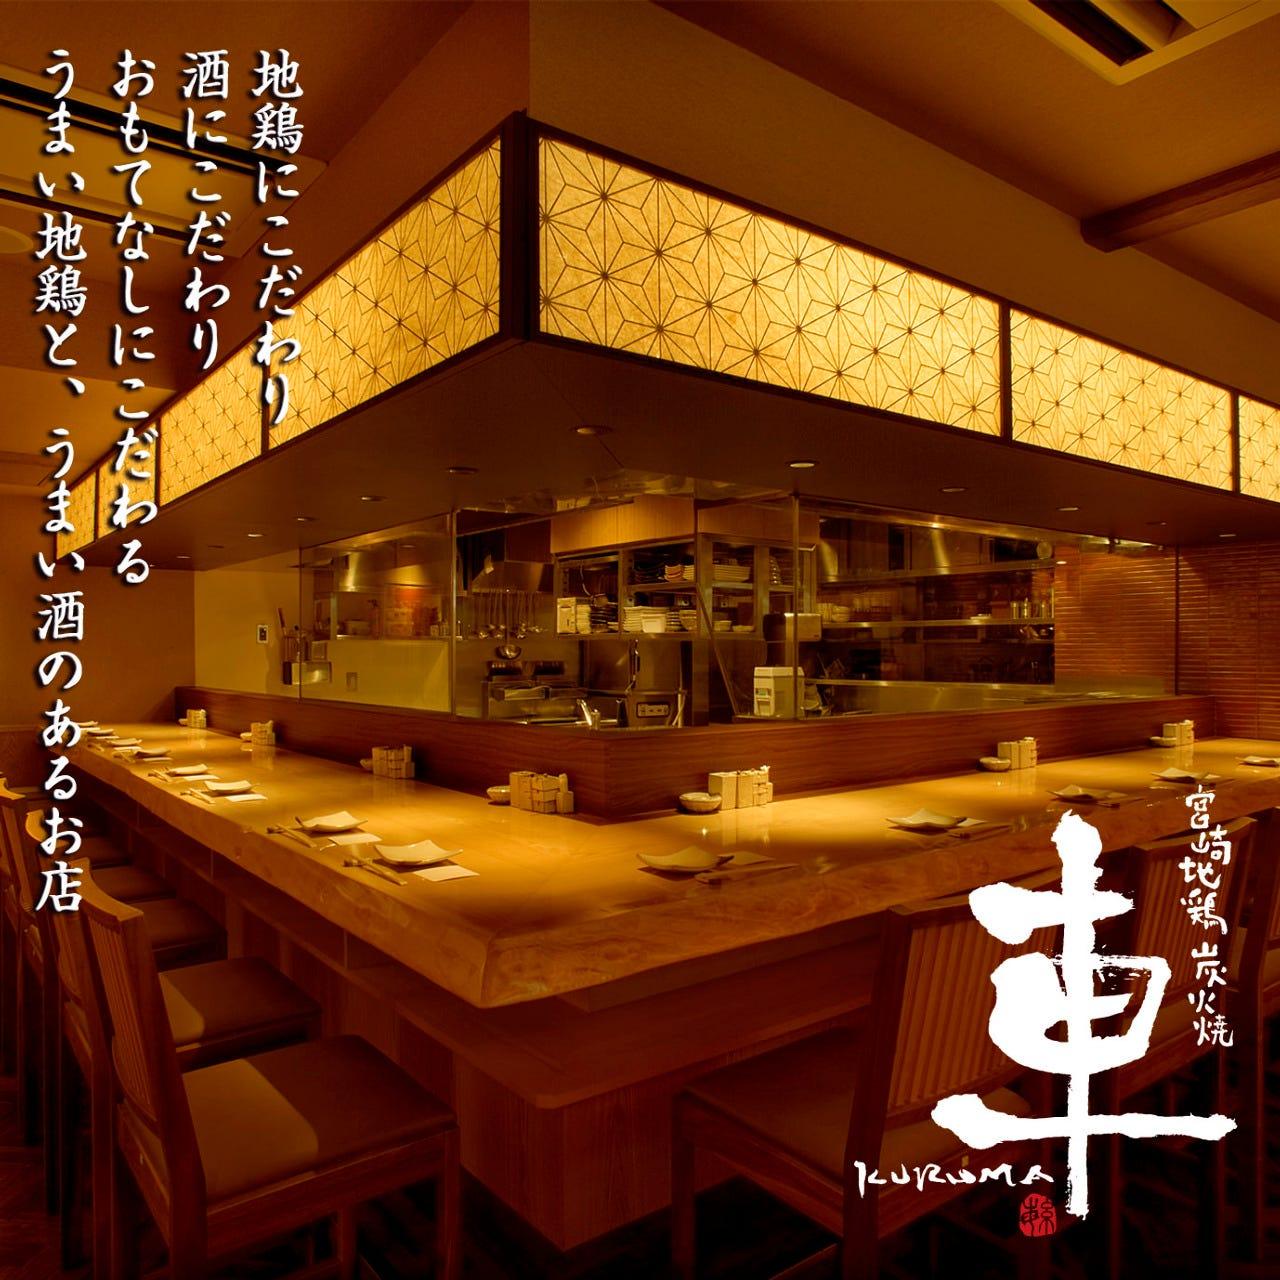 宮崎地鶏炭火焼 車 渋谷南口店のイメージ写真